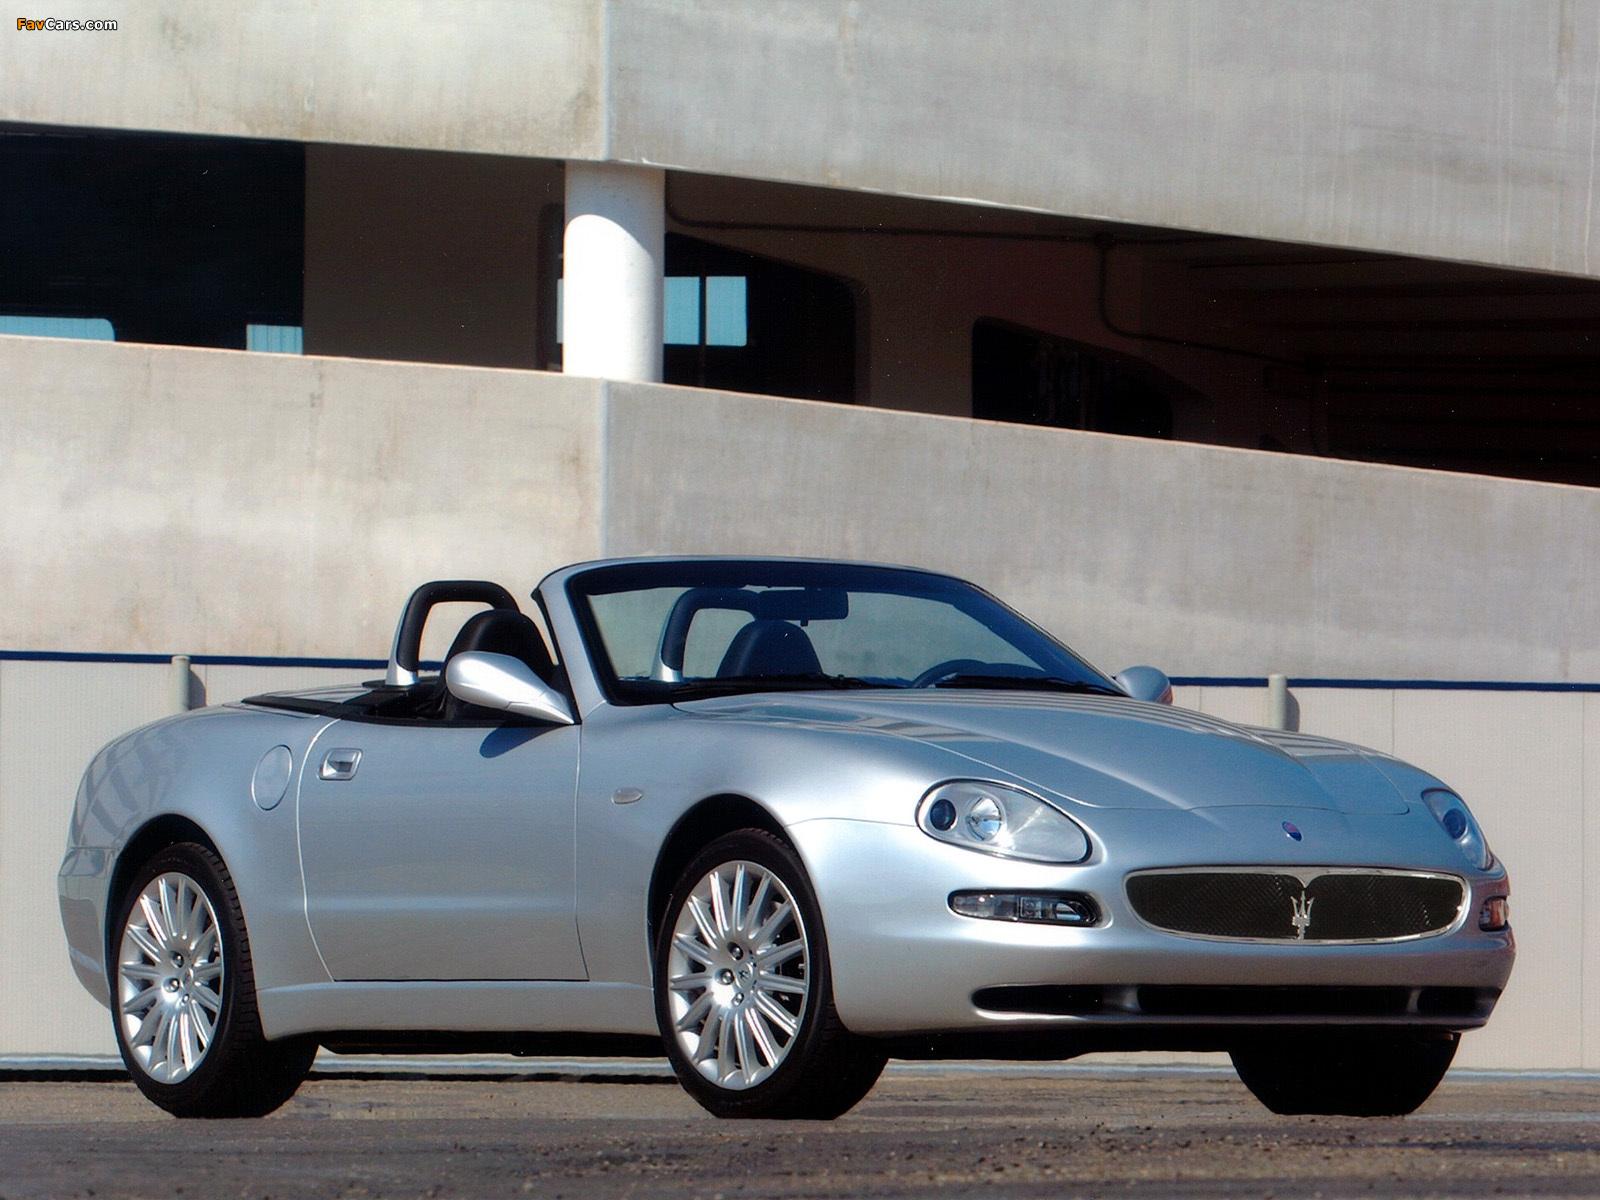 Maserati Spyder 2001-07 images (1600x1200)